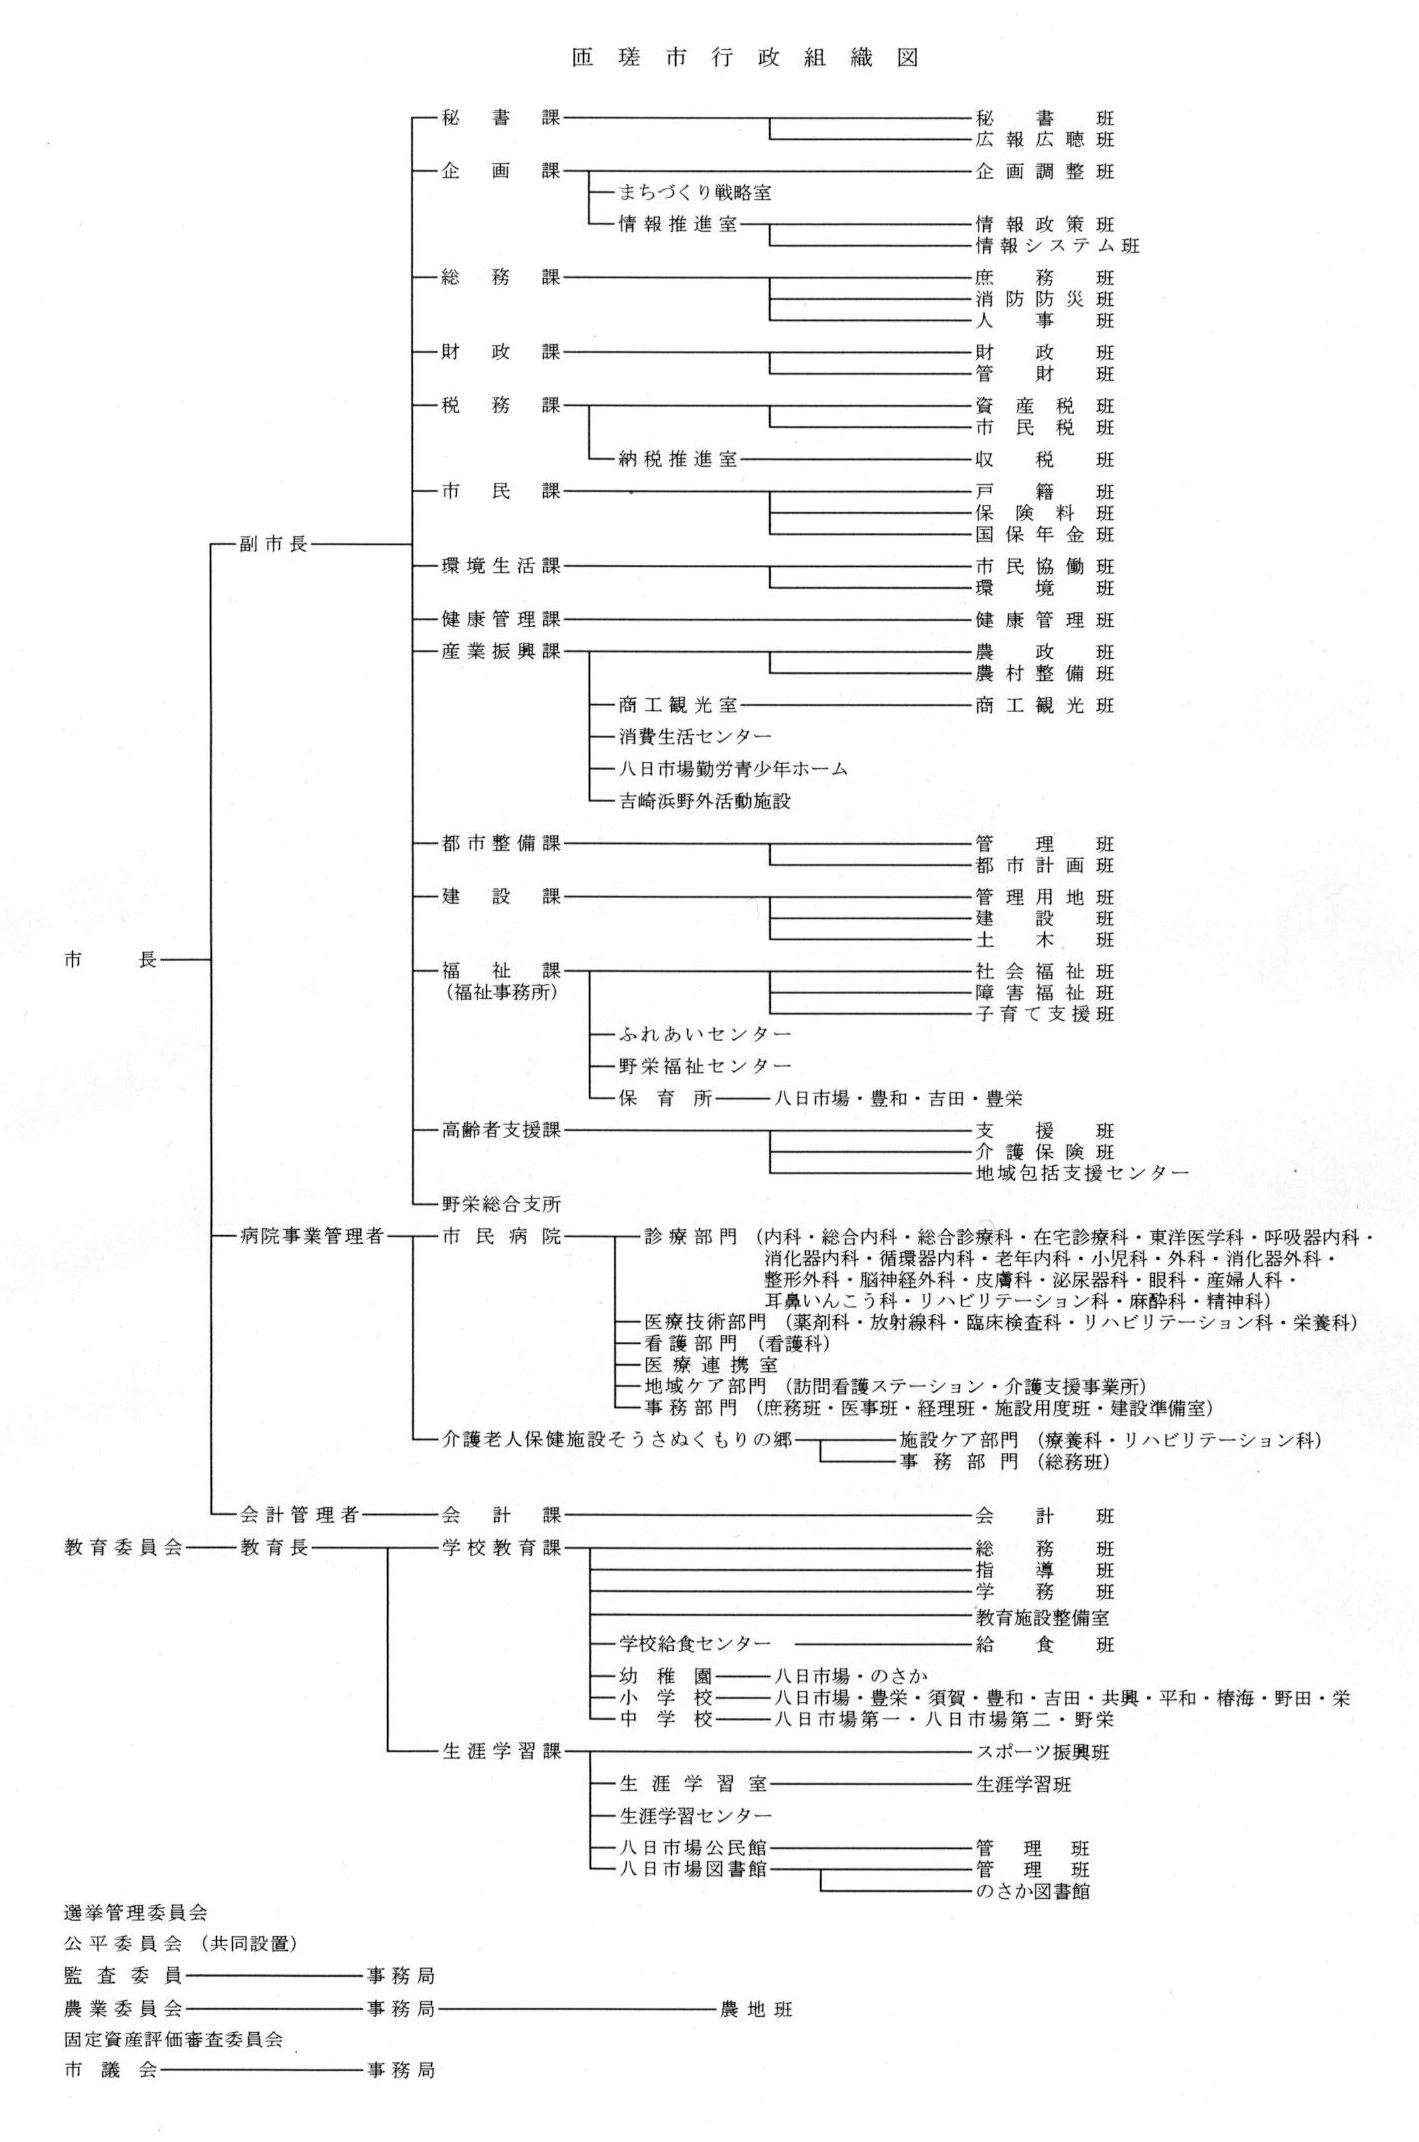 匝瑳市行政組織図(令和2年4月1日)